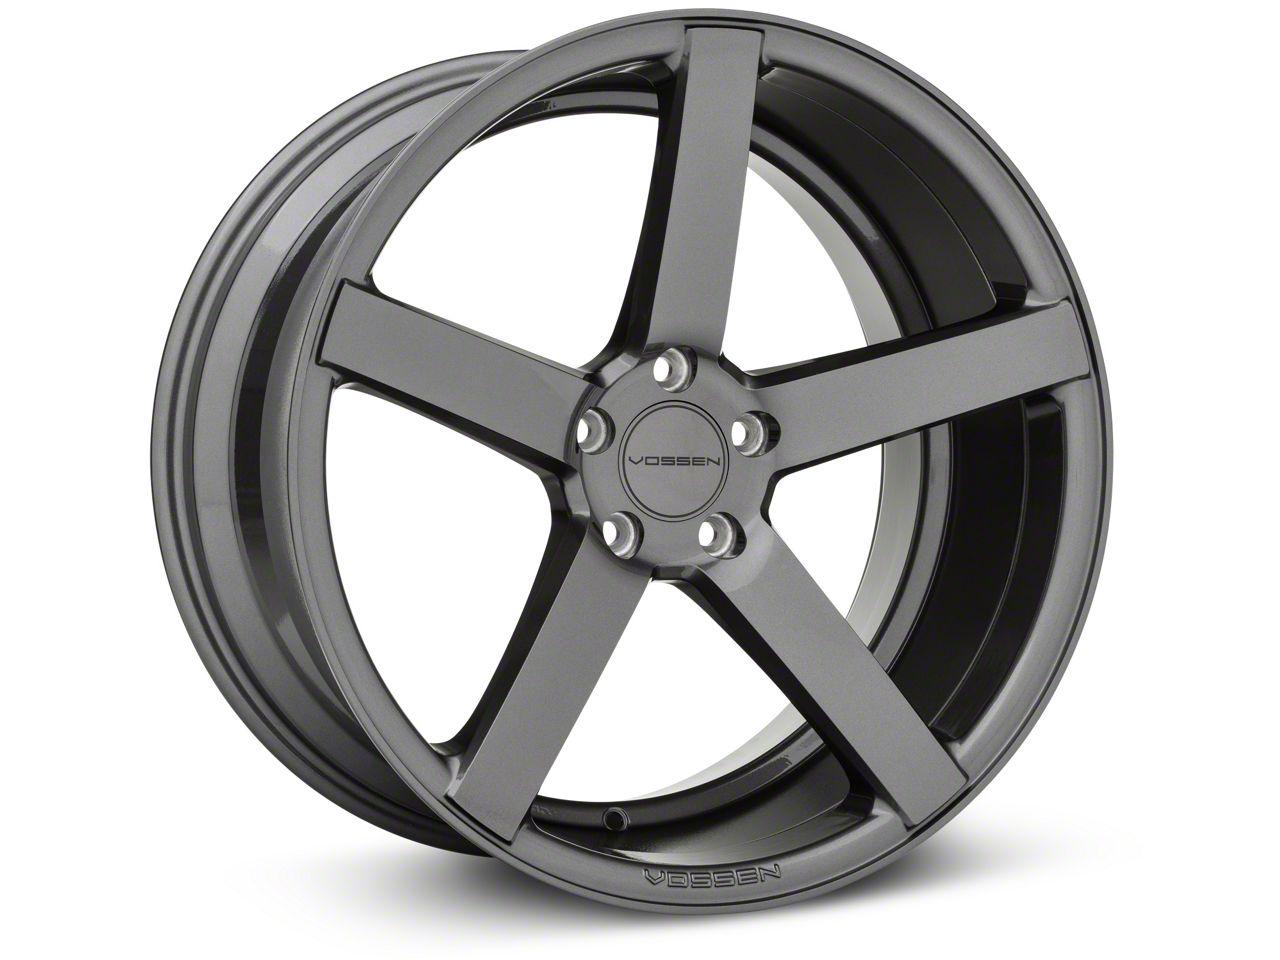 Vossen CV3-R Graphite Wheel - 20x10.5 - Rear Only (05-14 All)